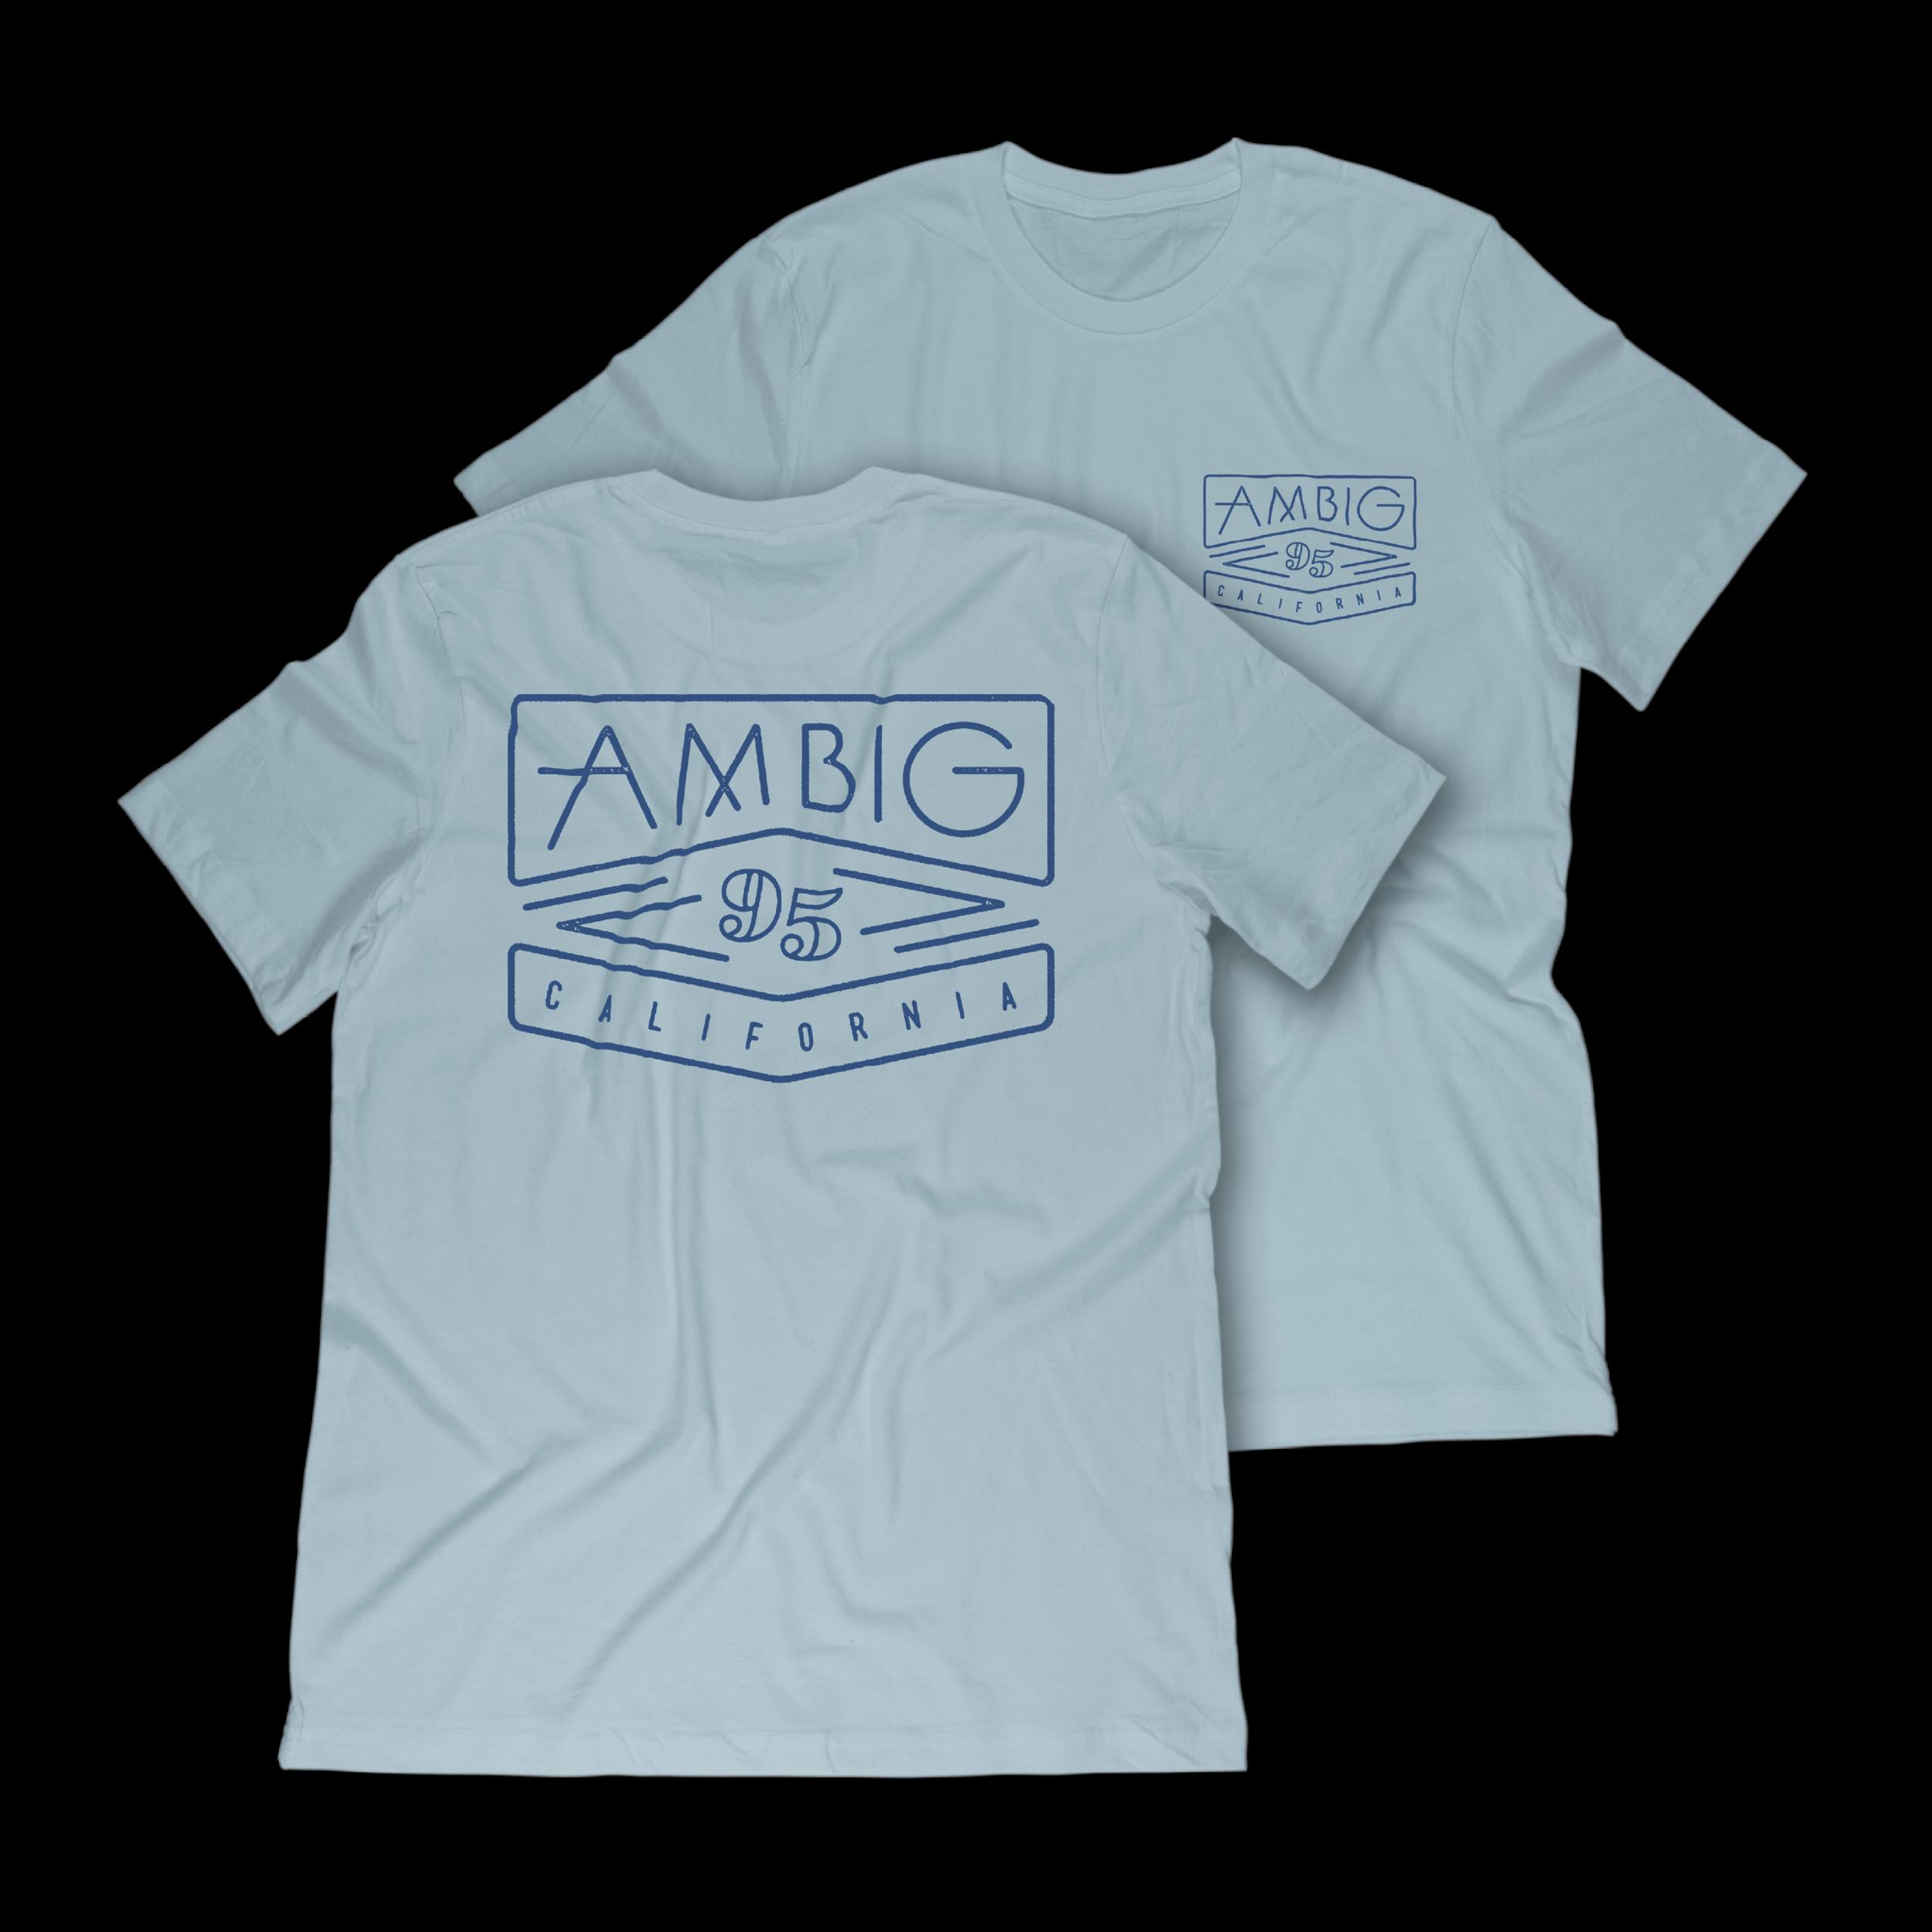 Ambig-MockUps-05261913.png